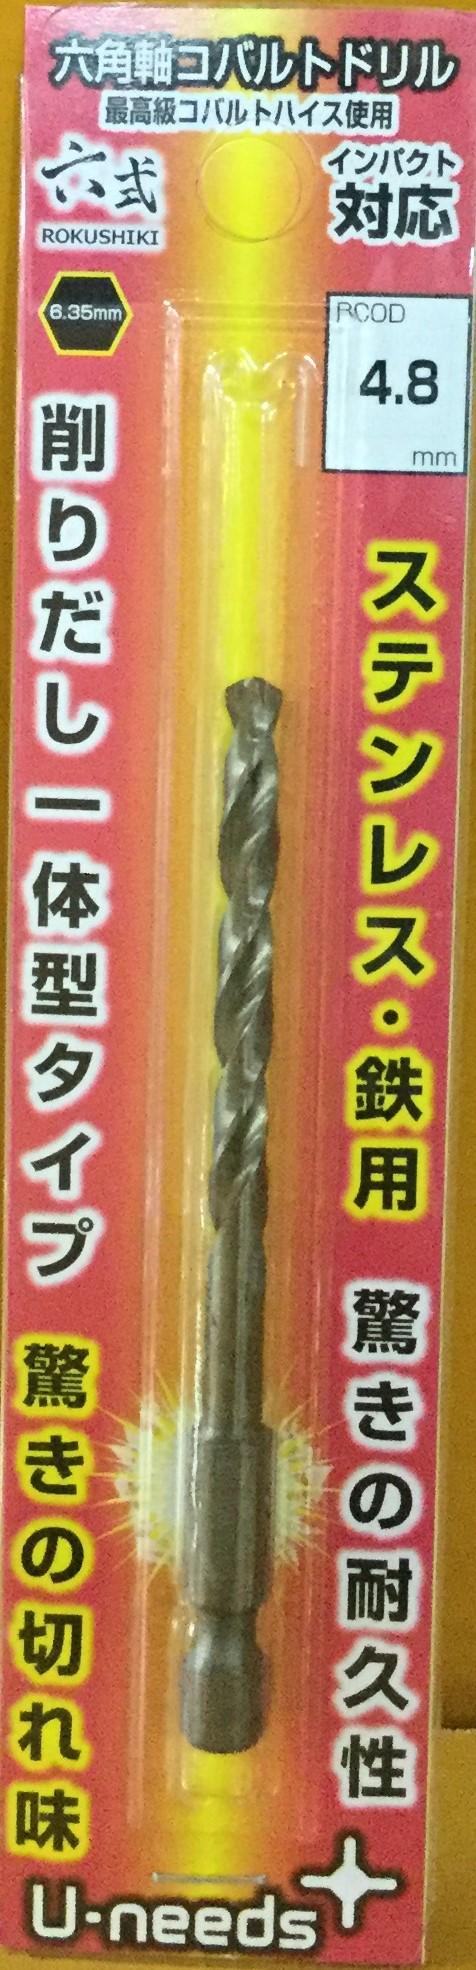 鉄 ●日本正規品● ステンレス 直営ストア アルミ プラスチック 木材の穴空けに最適です ユ 穴あけ ステンレス ニーズ2020 六角軸コバルトドリル六式RCOD-4.8